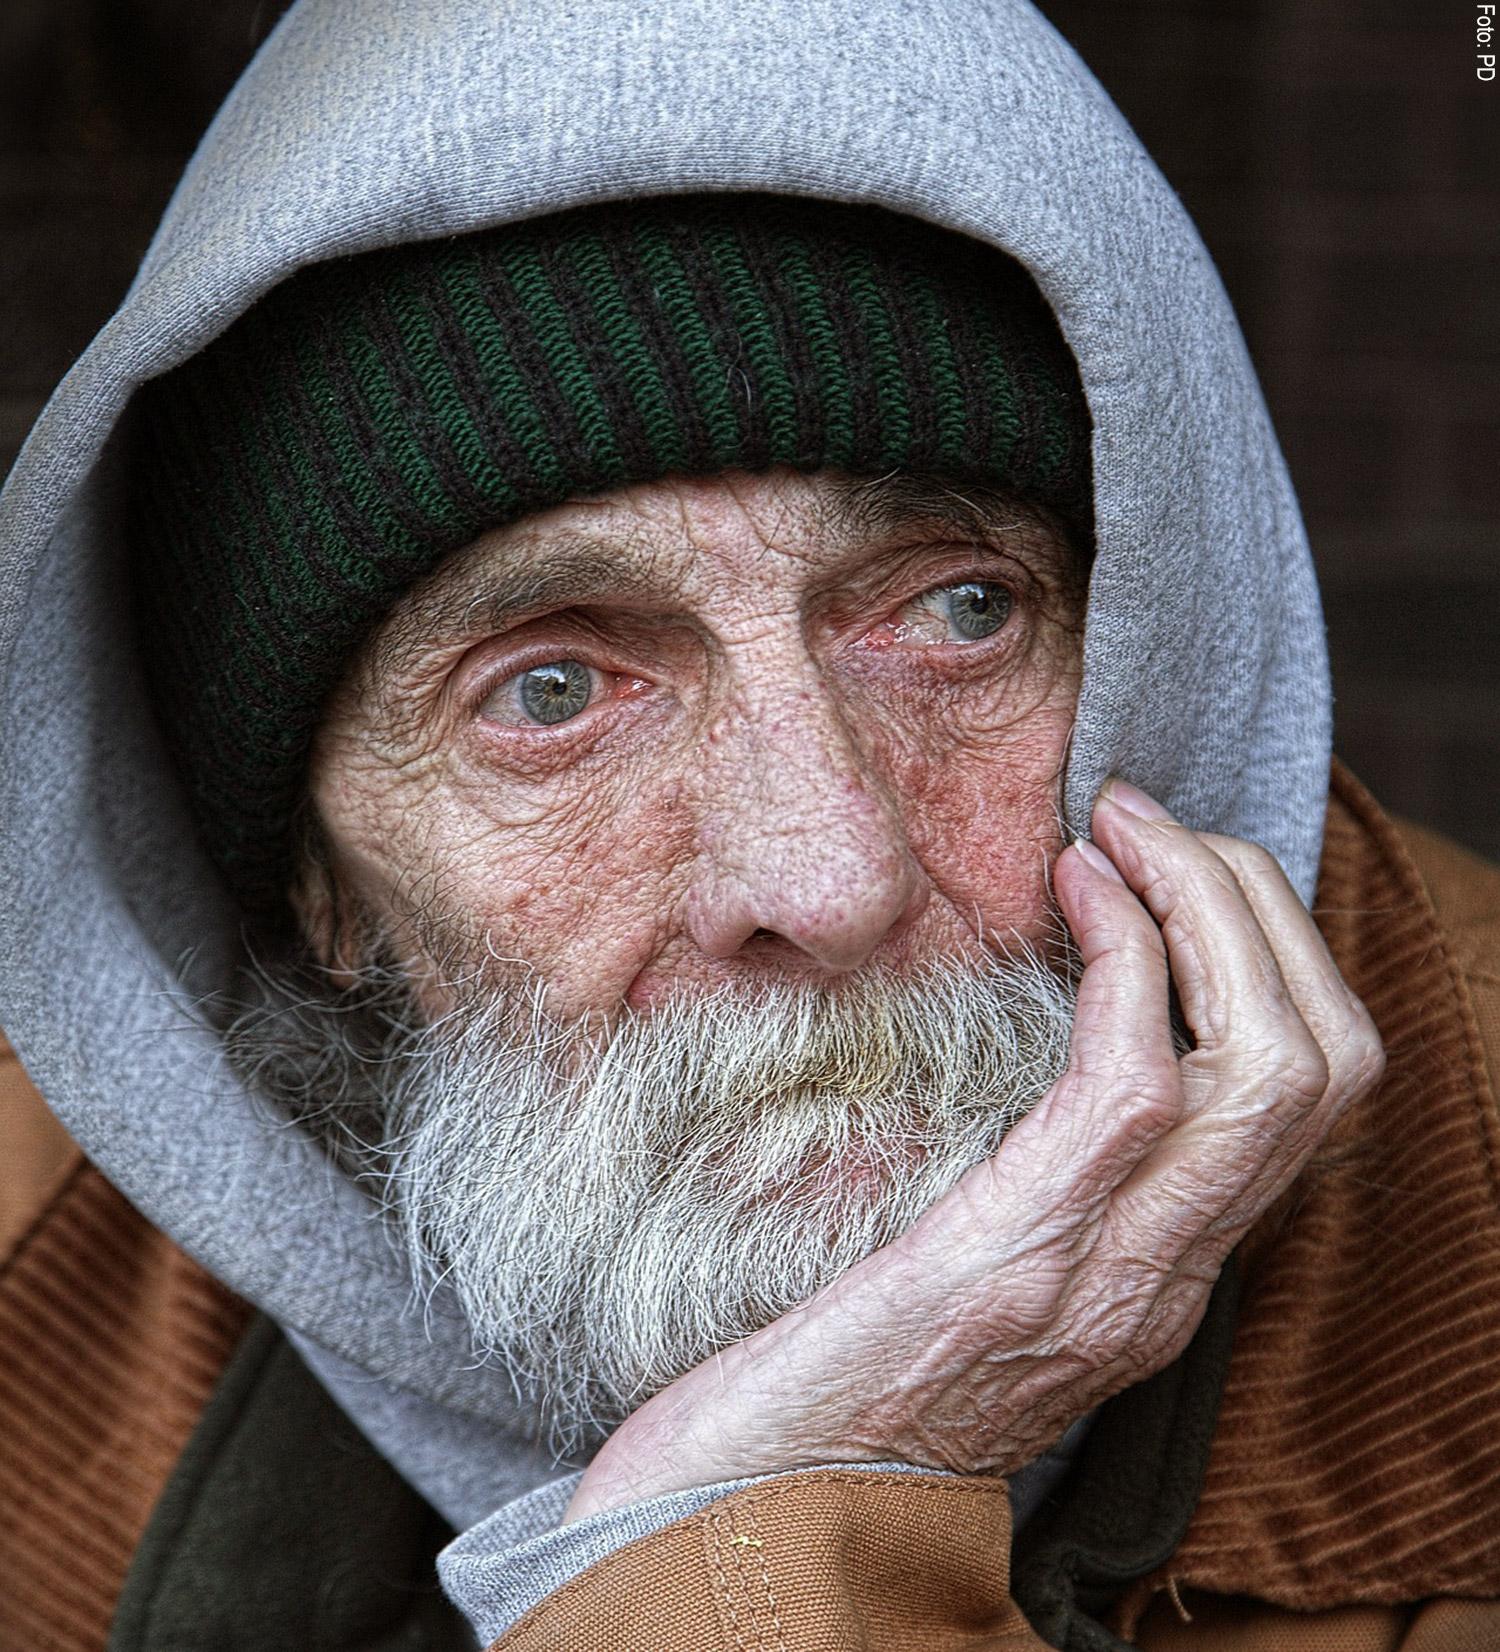 sozialhilfe für rentner im heim